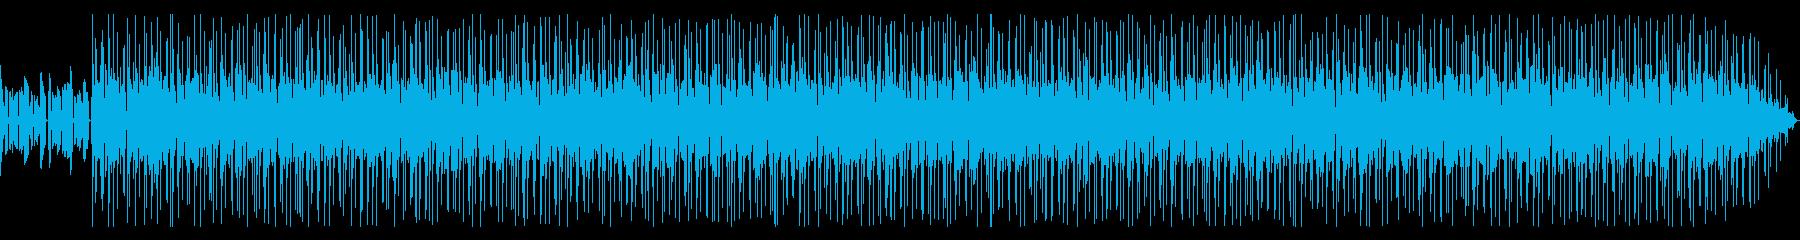 シリアスで緊迫感漂うファンク【伴奏のみ】の再生済みの波形